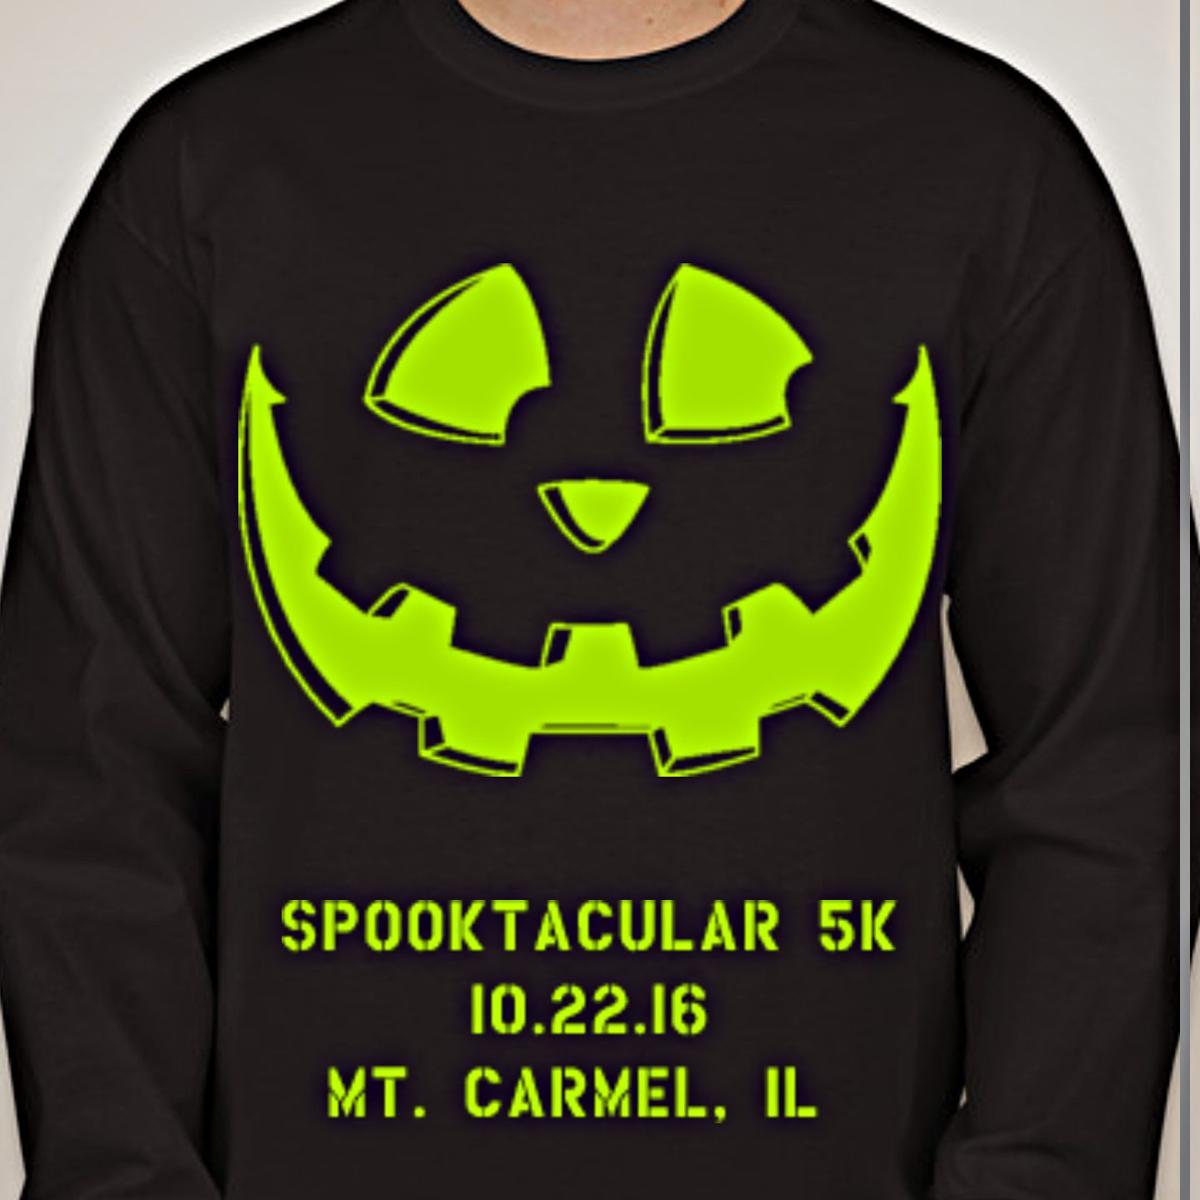 Spooktacular shirt